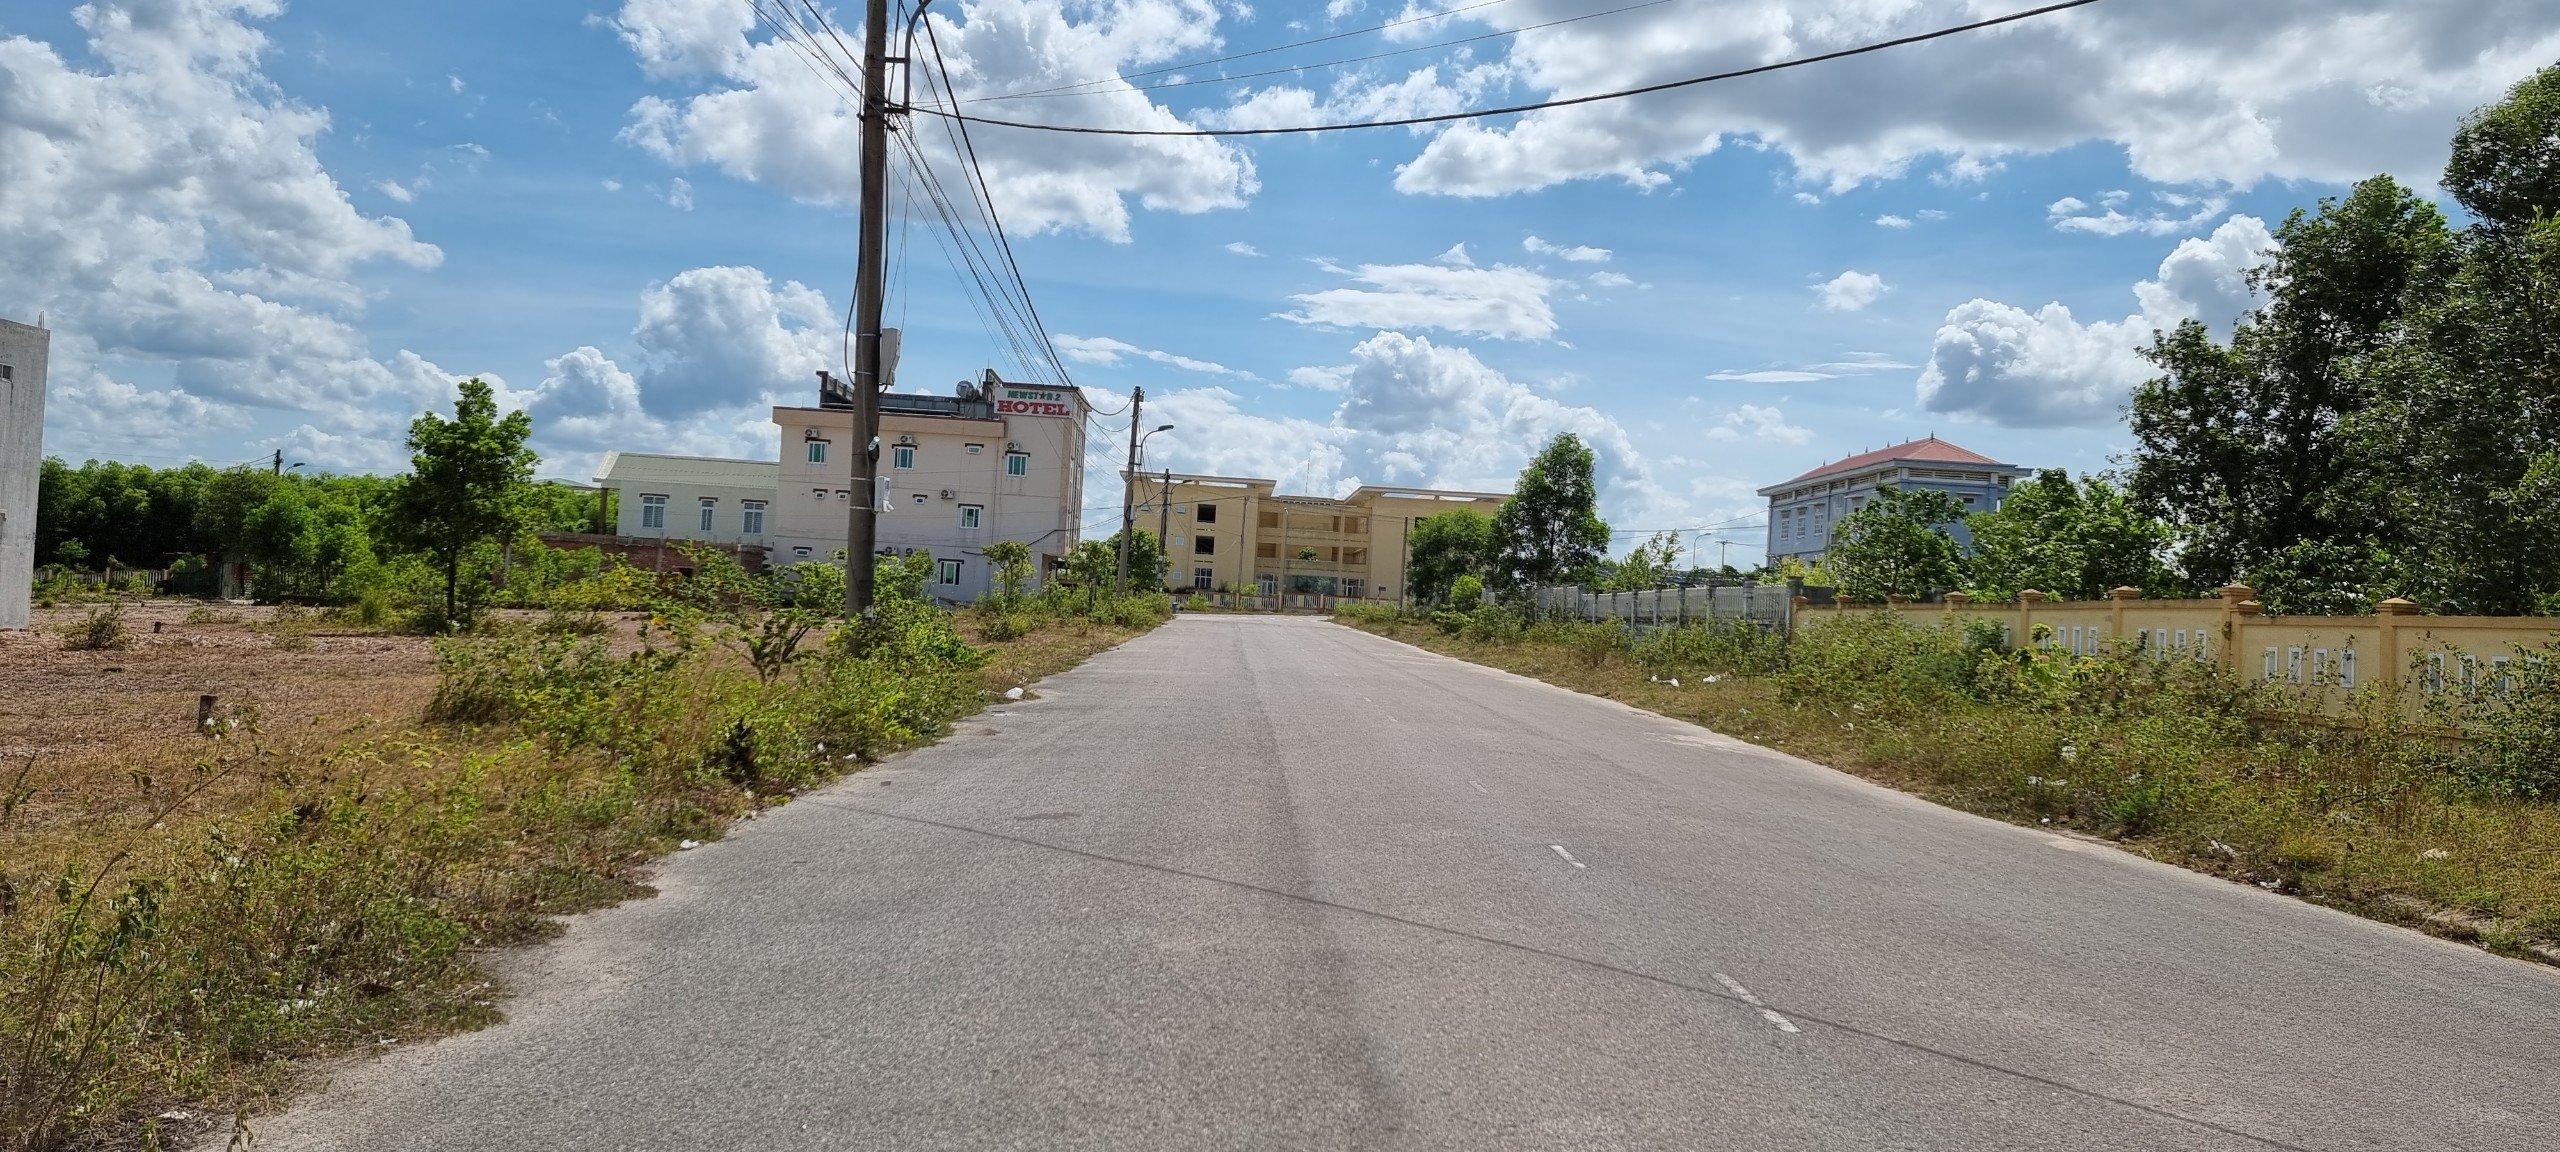 Cần bán Đất đường 9D, Phường Đông Lương, Diện tích 200m², Giá Thương lượng - LH: 0914004234